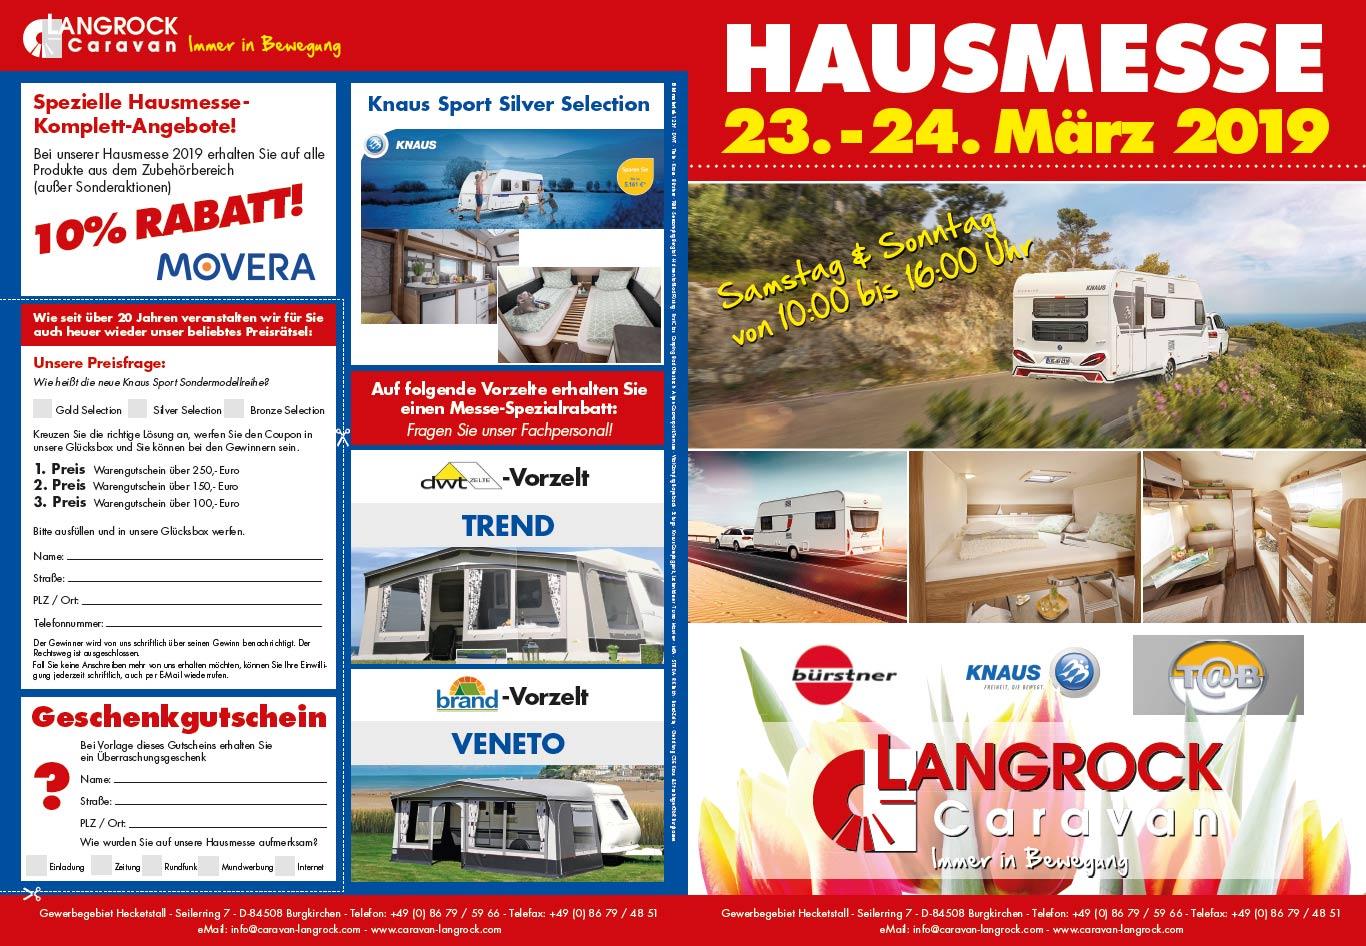 Langrock-hausmesse-2019